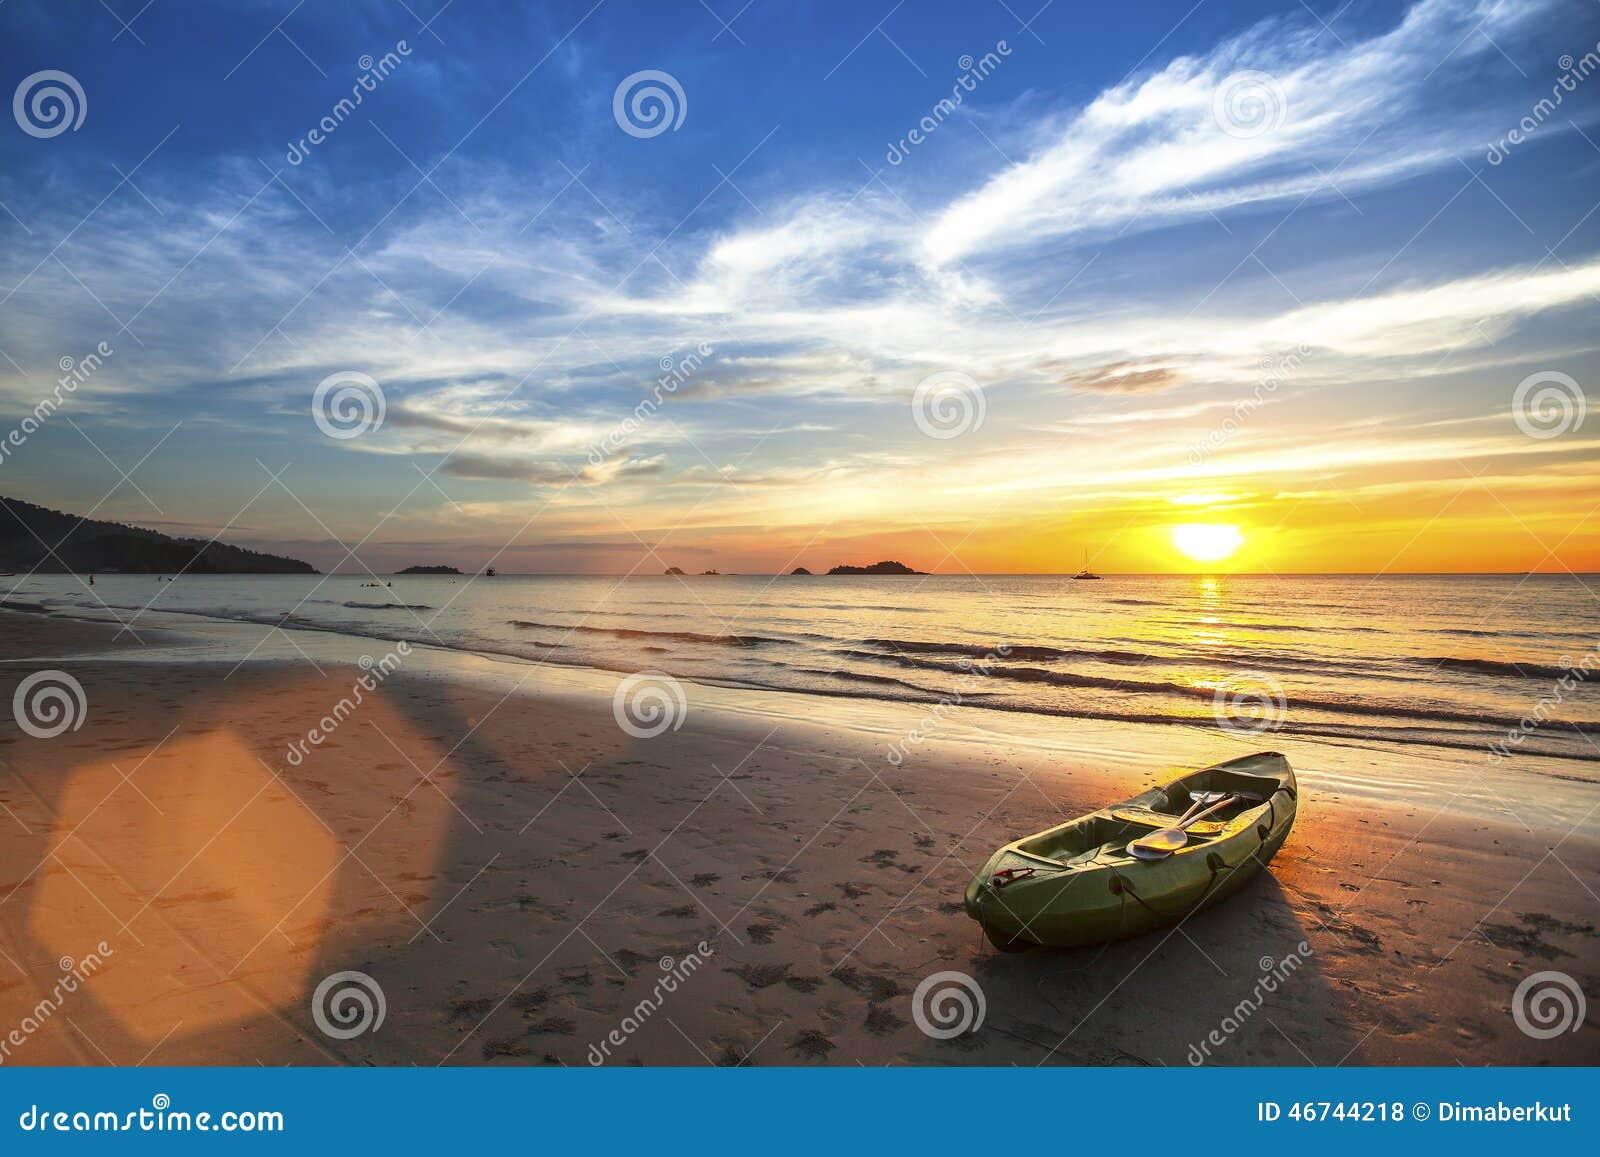 ocean landscapes beach paradise - photo #38